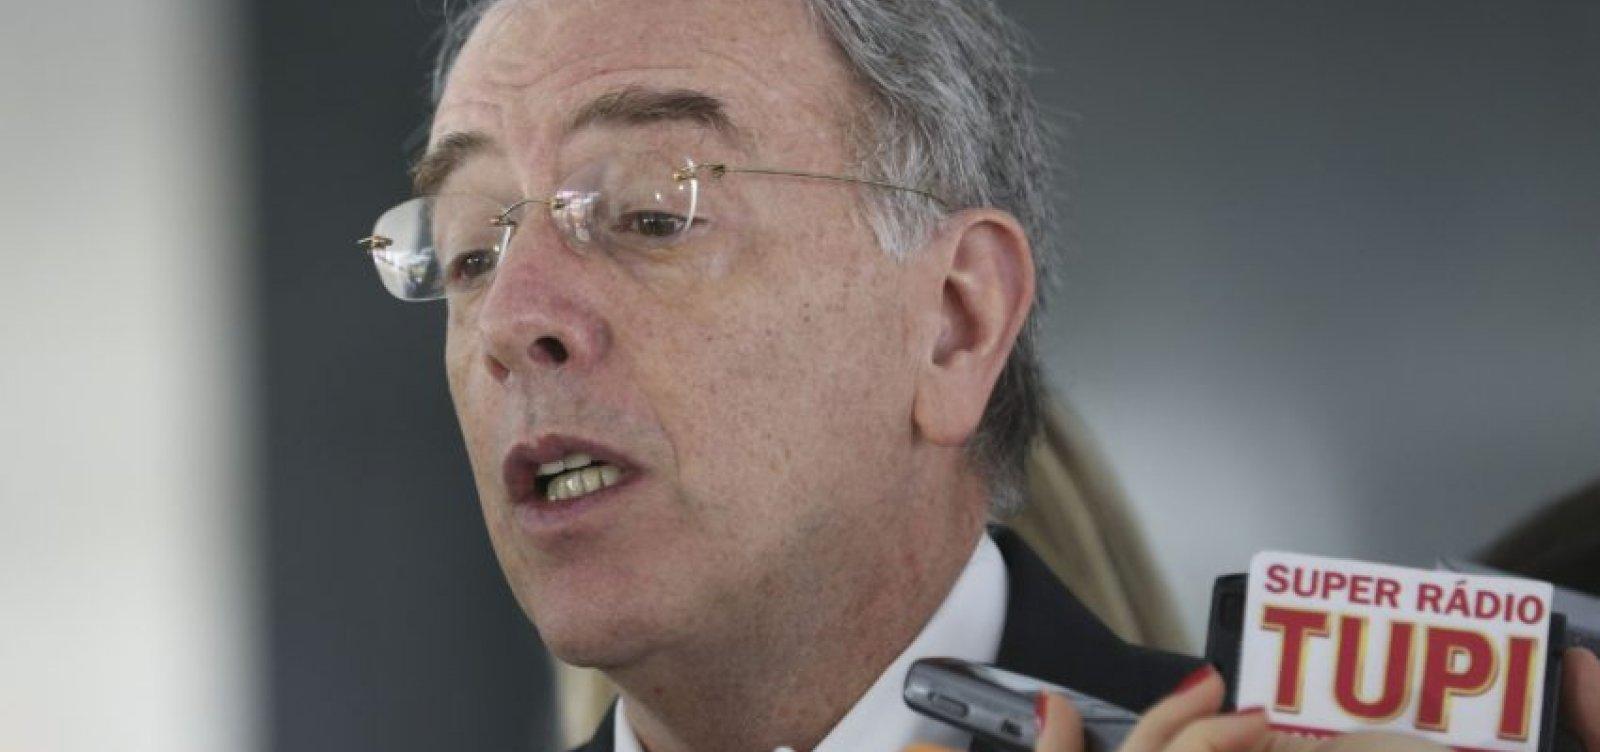 [ Senadores da base cobram saída do presidente da Petrobras]